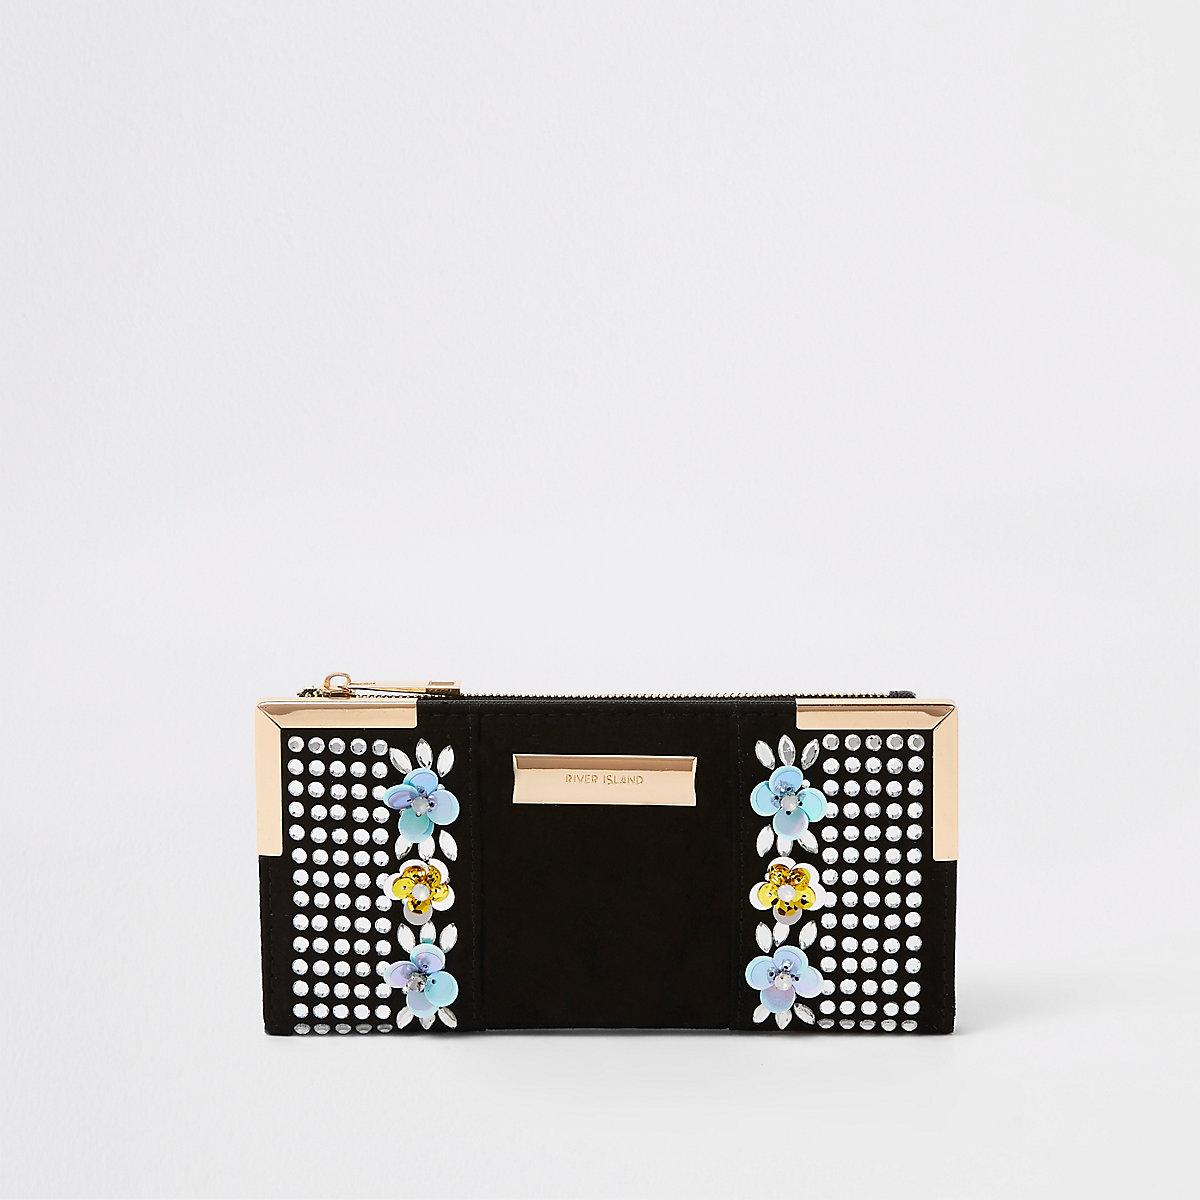 Black sequin embellished foldout purse